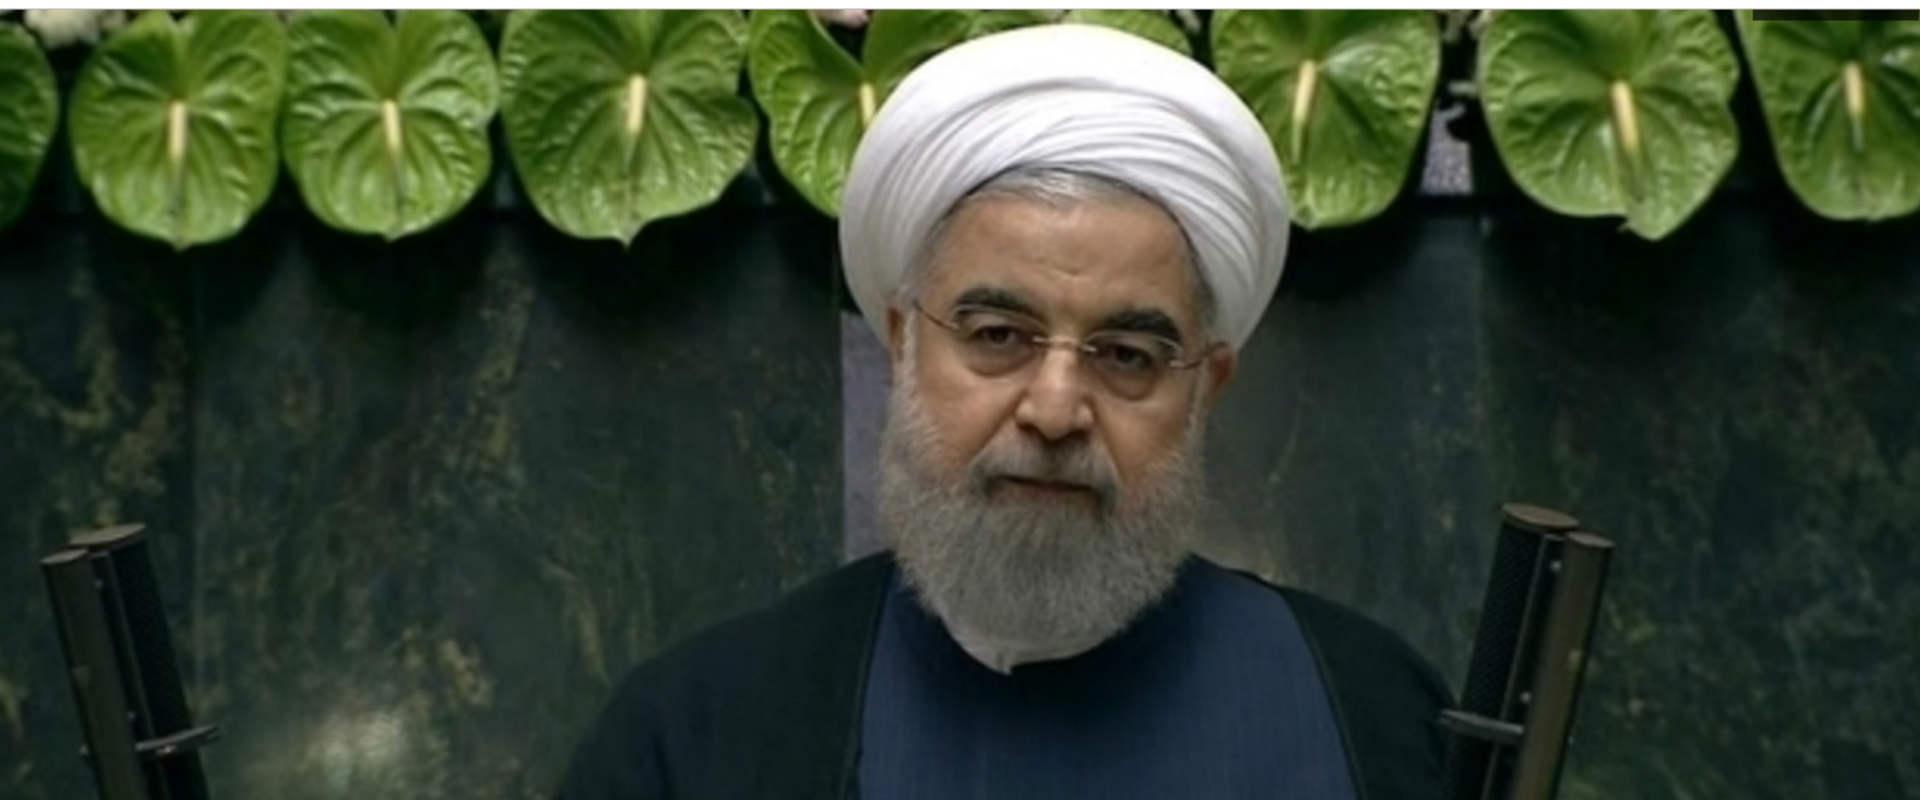 נשיא איראן חסן רוחאני בנאום ההשבעה בפרלמנט